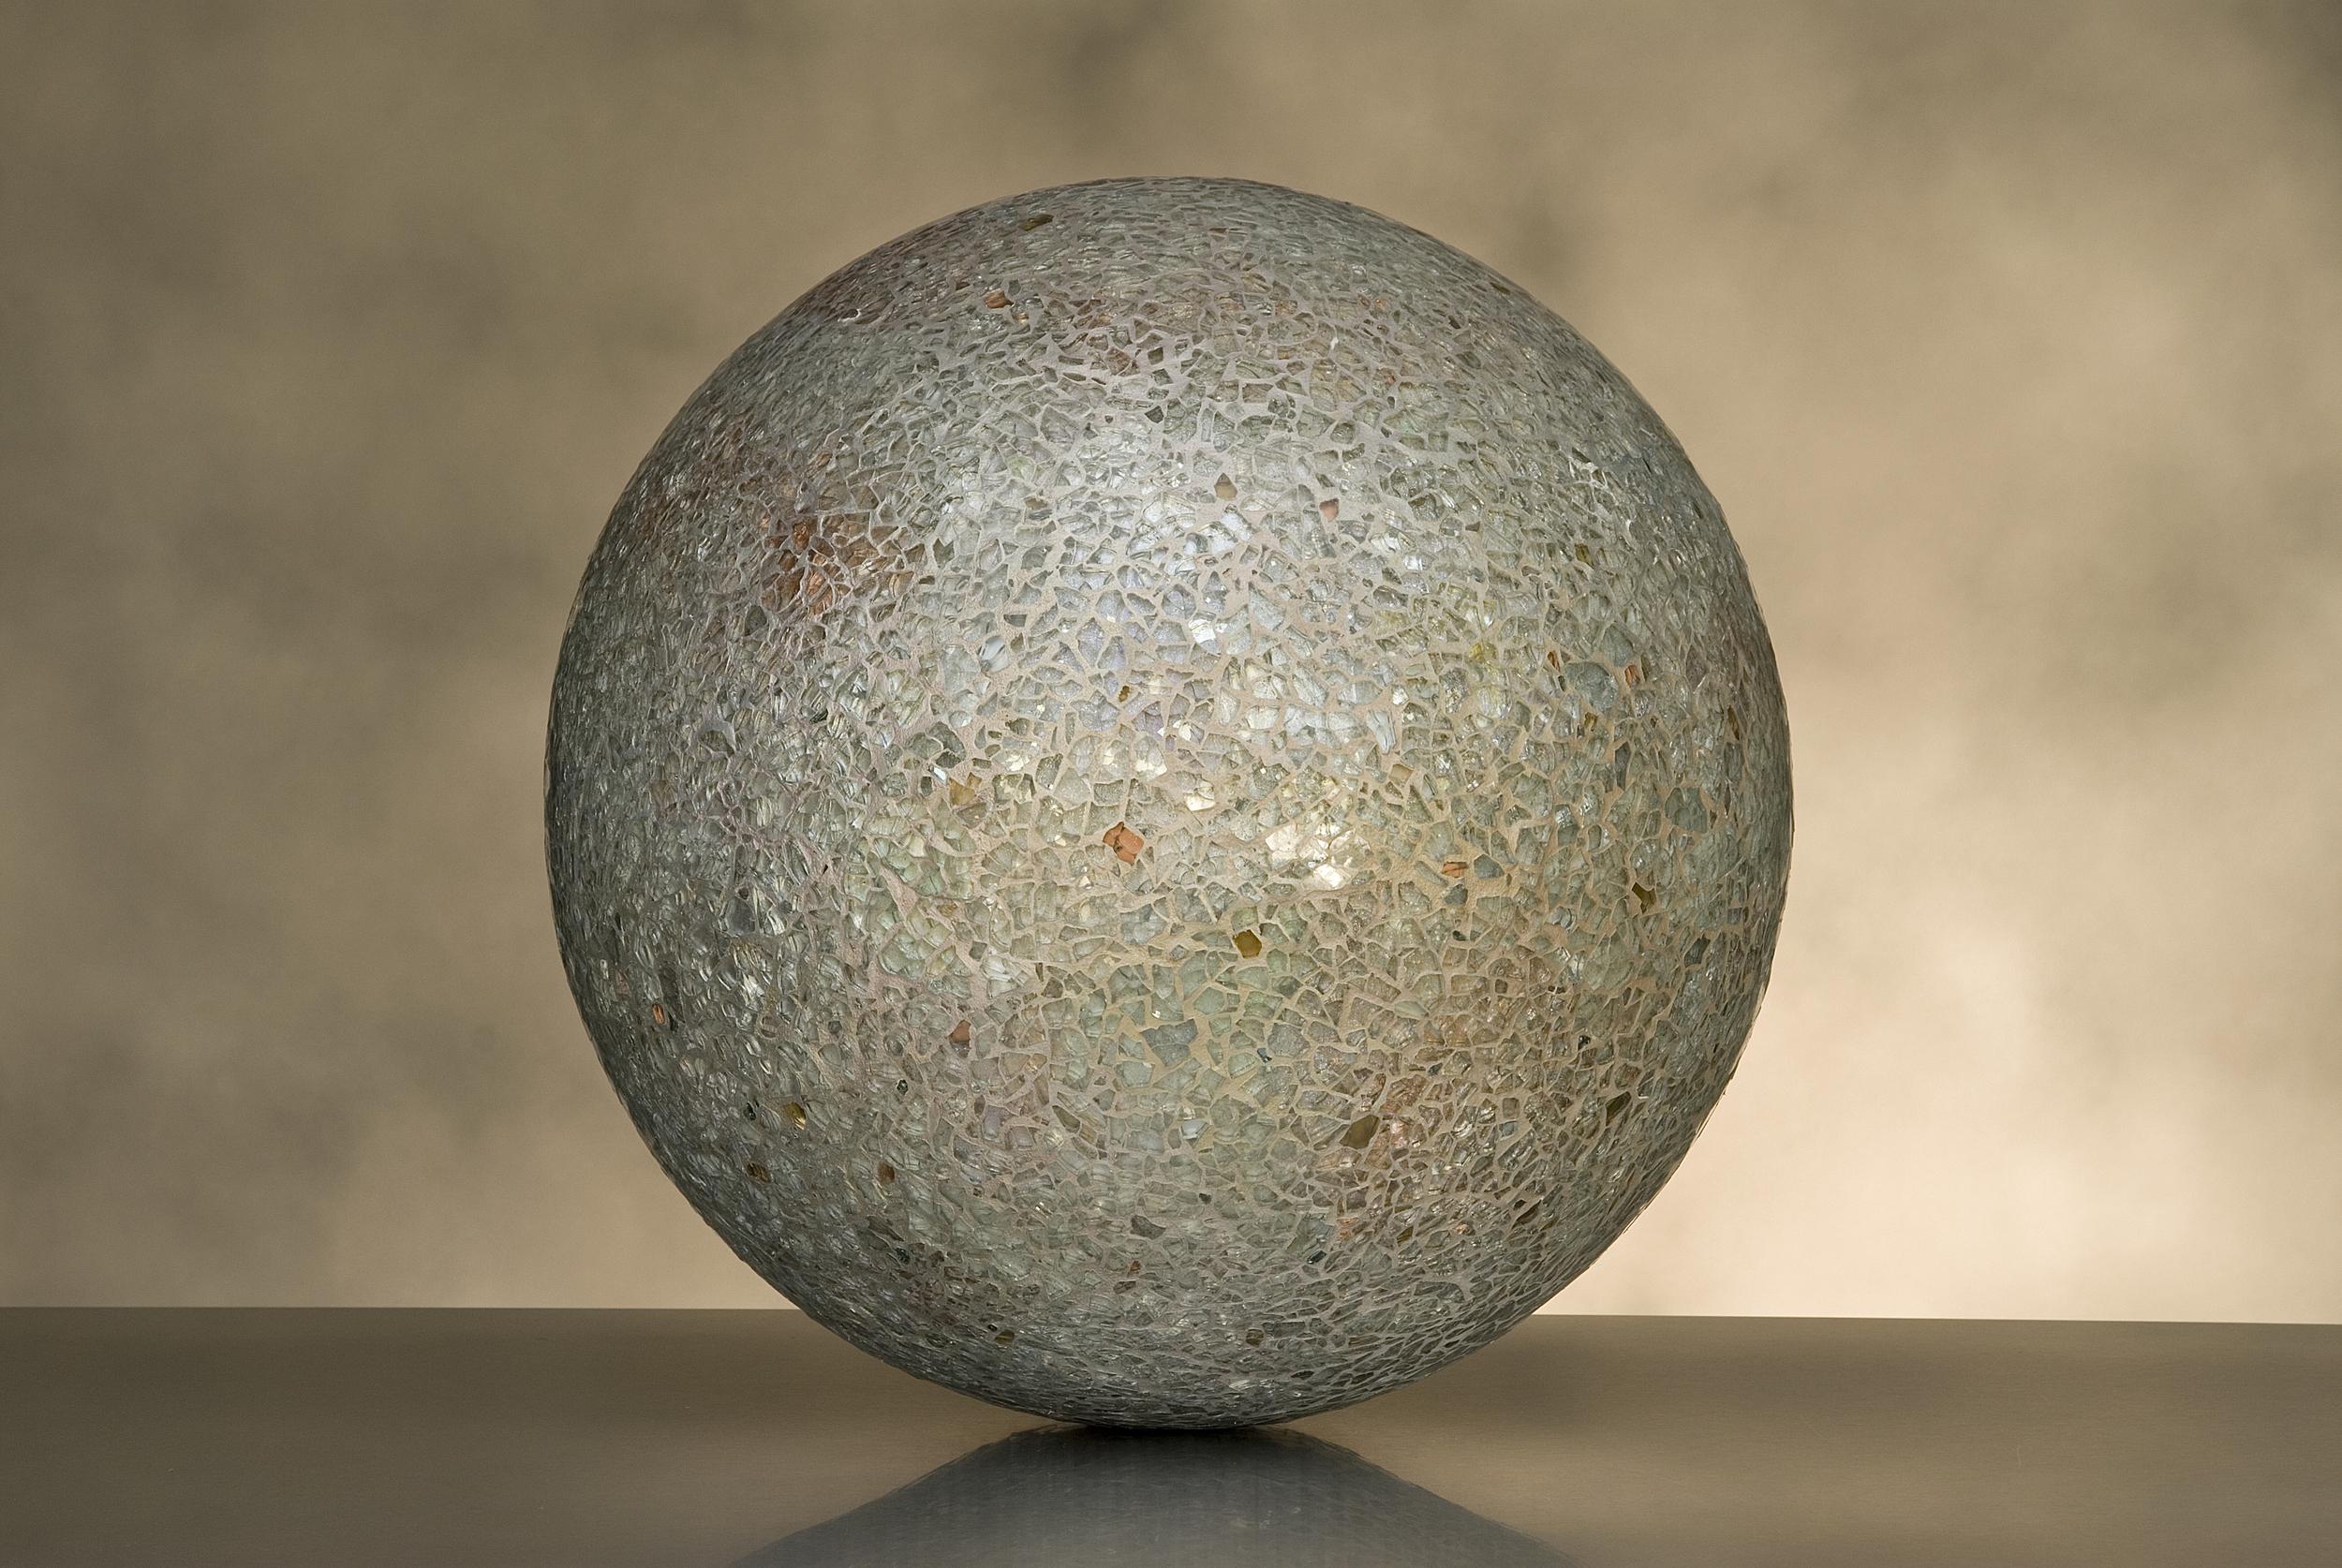 Beige Irredescent Sphere